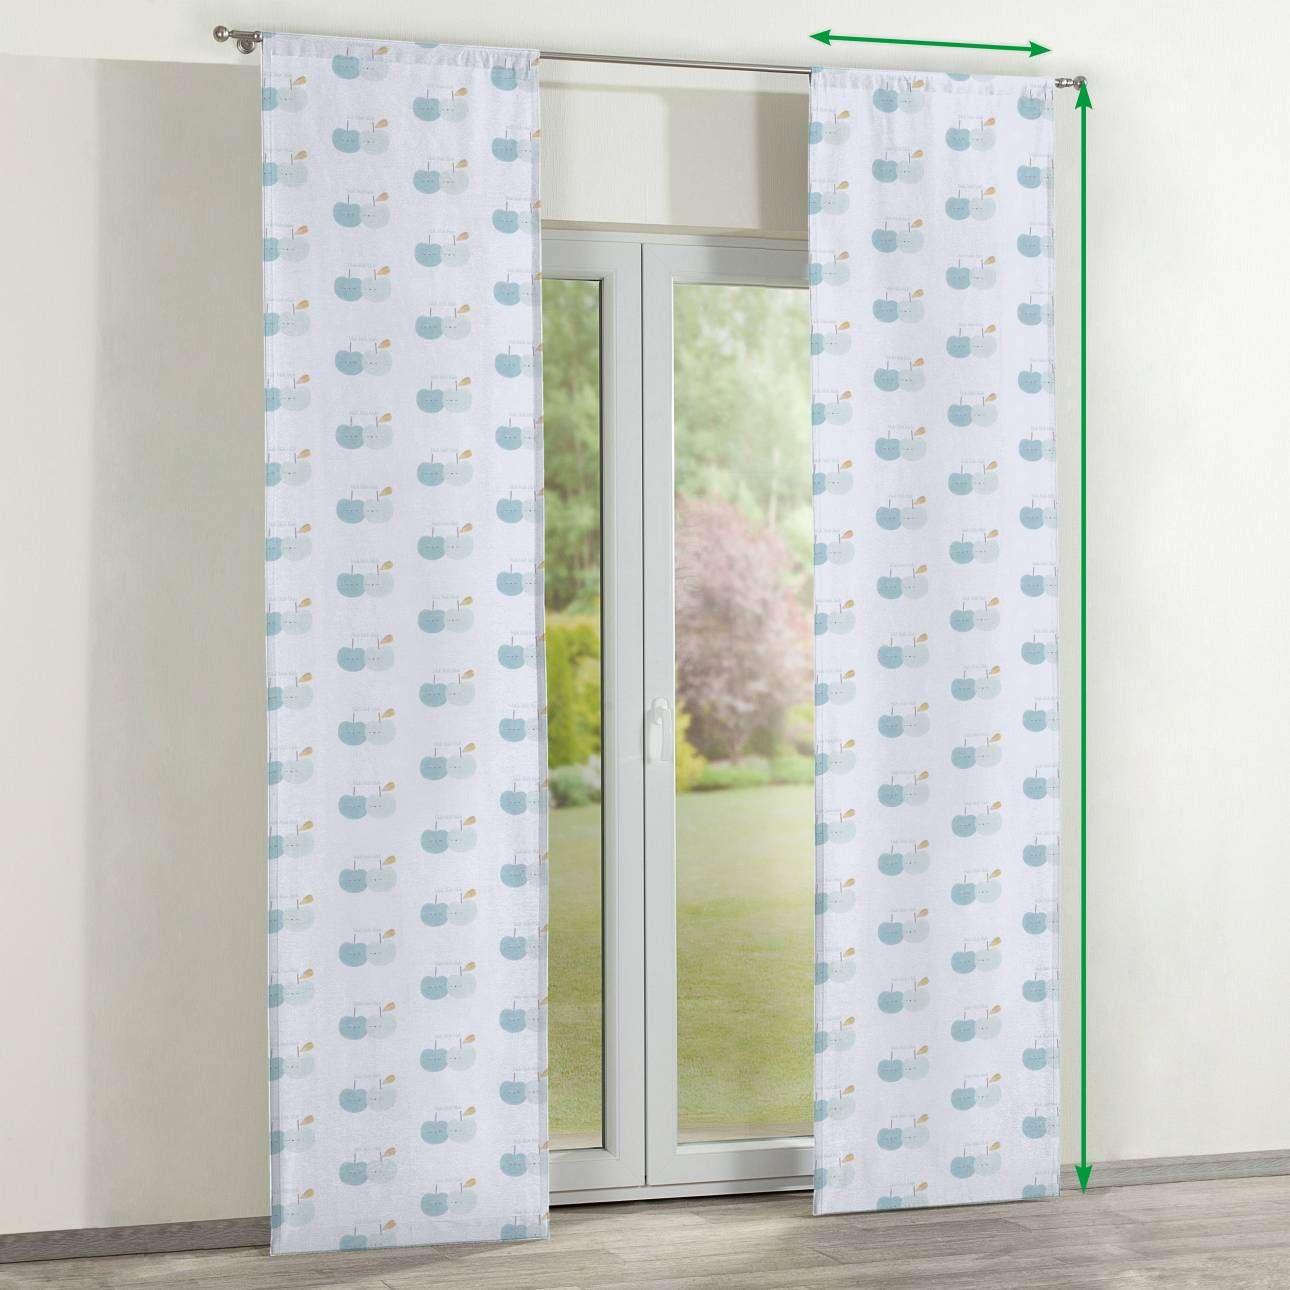 Zasłony panelowe 2 szt. w kolekcji Apanona do -50%, tkanina: 151-02